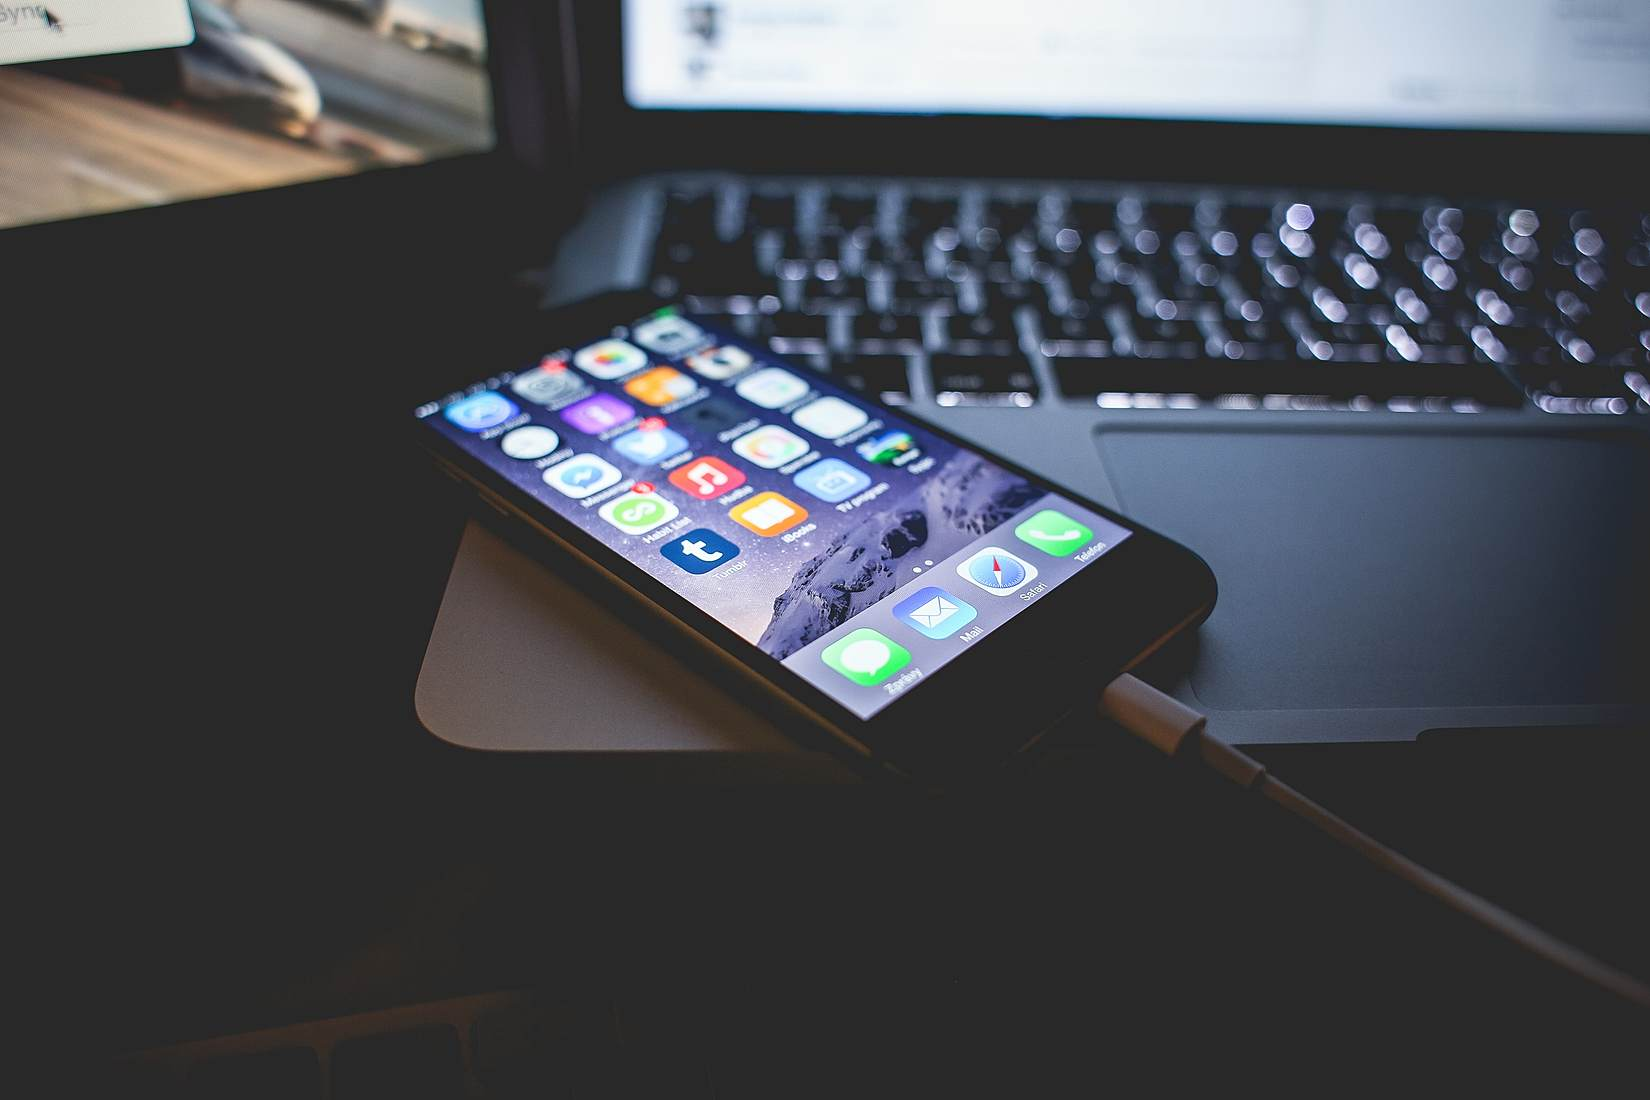 iPhone-da məlumatların ələ keçirilməsi üçün yeni üsul təqdim olunub (VİDEO)